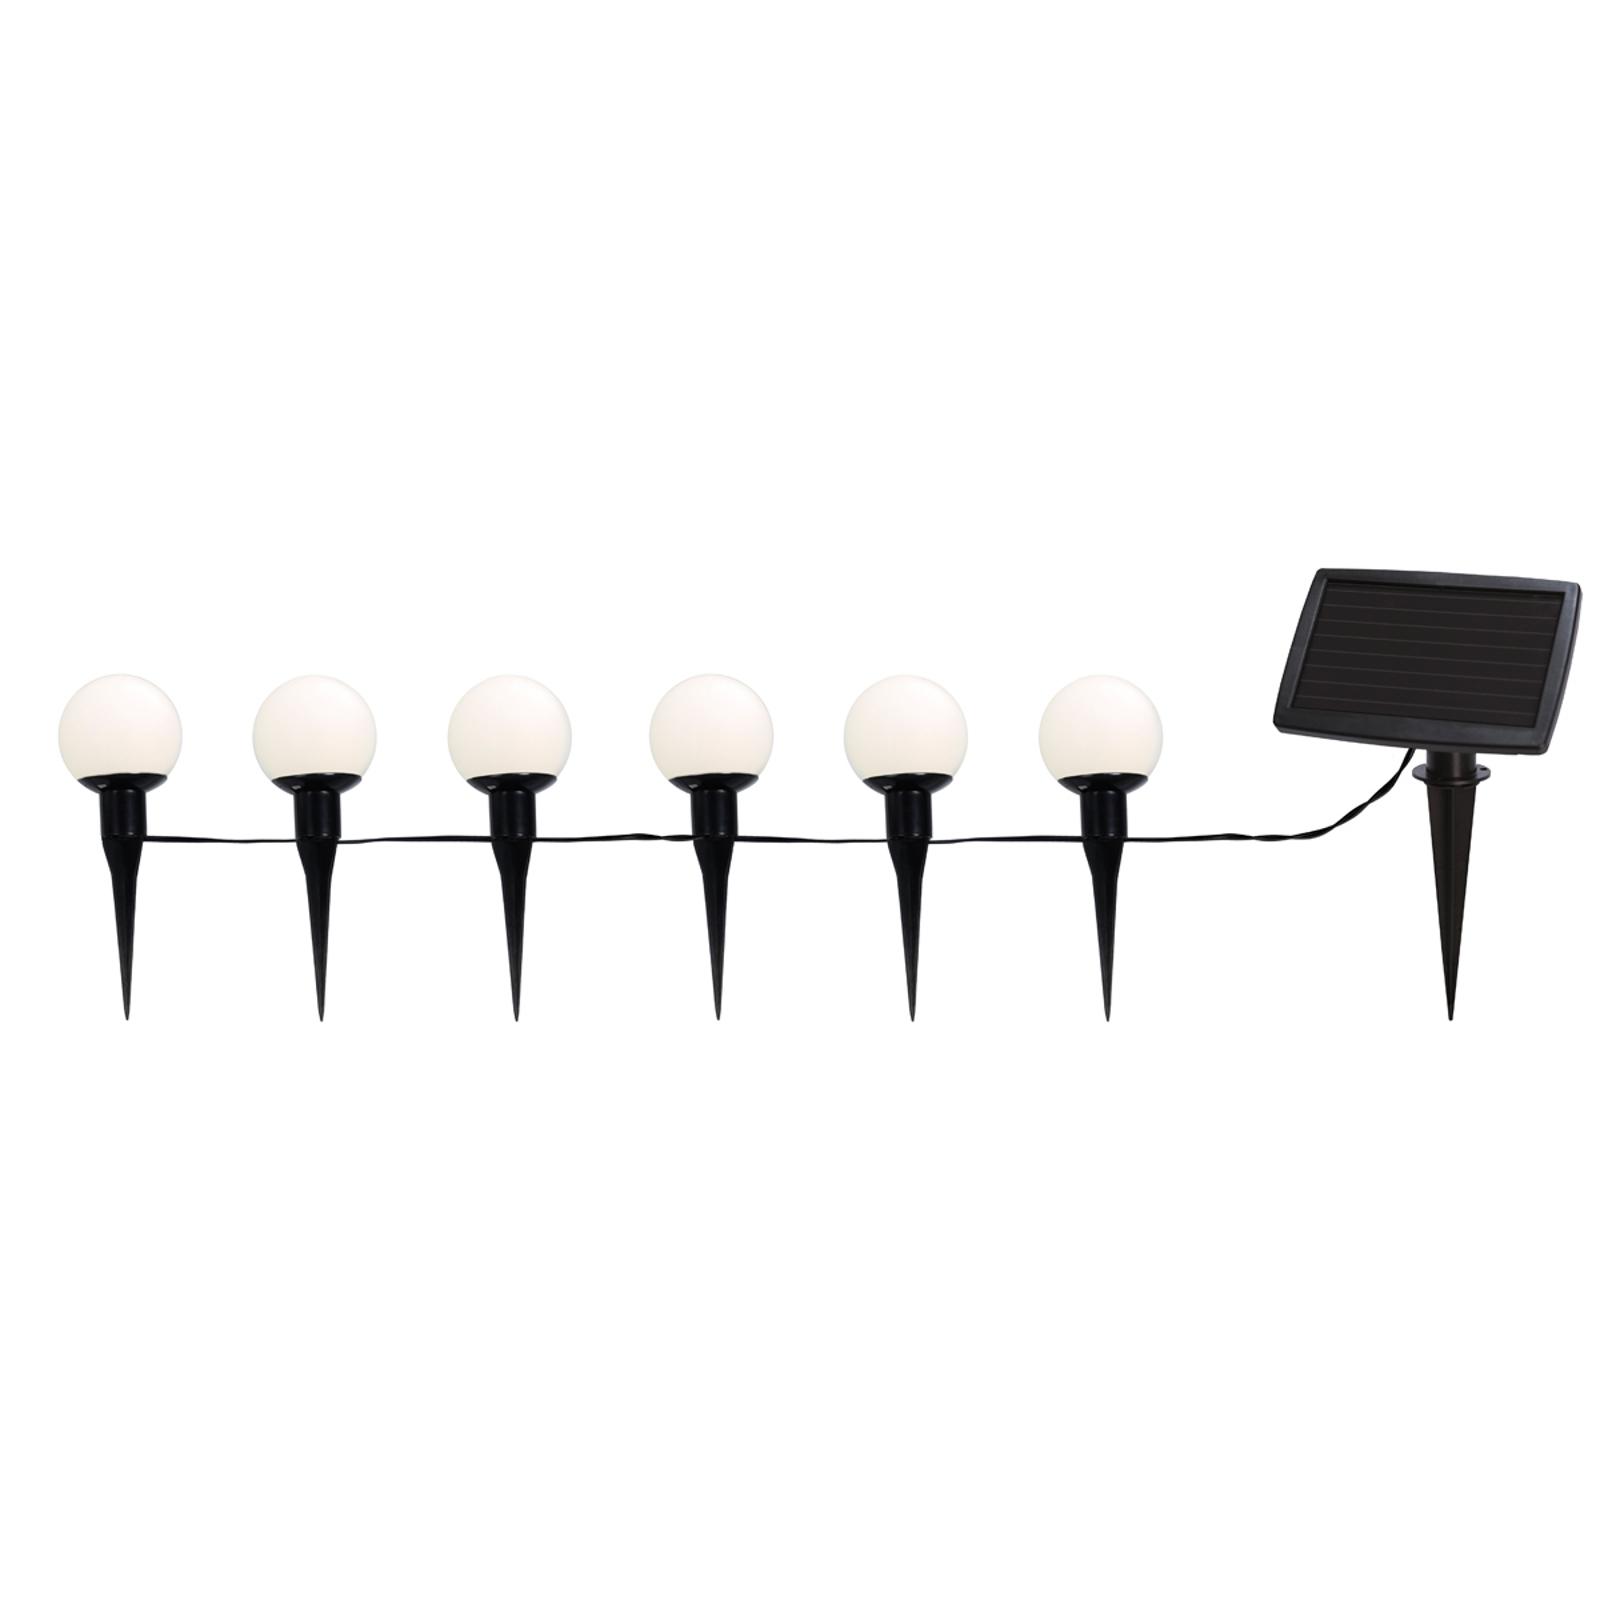 Combo LED-solcelle lyskæde med 6 solcelle-kugler